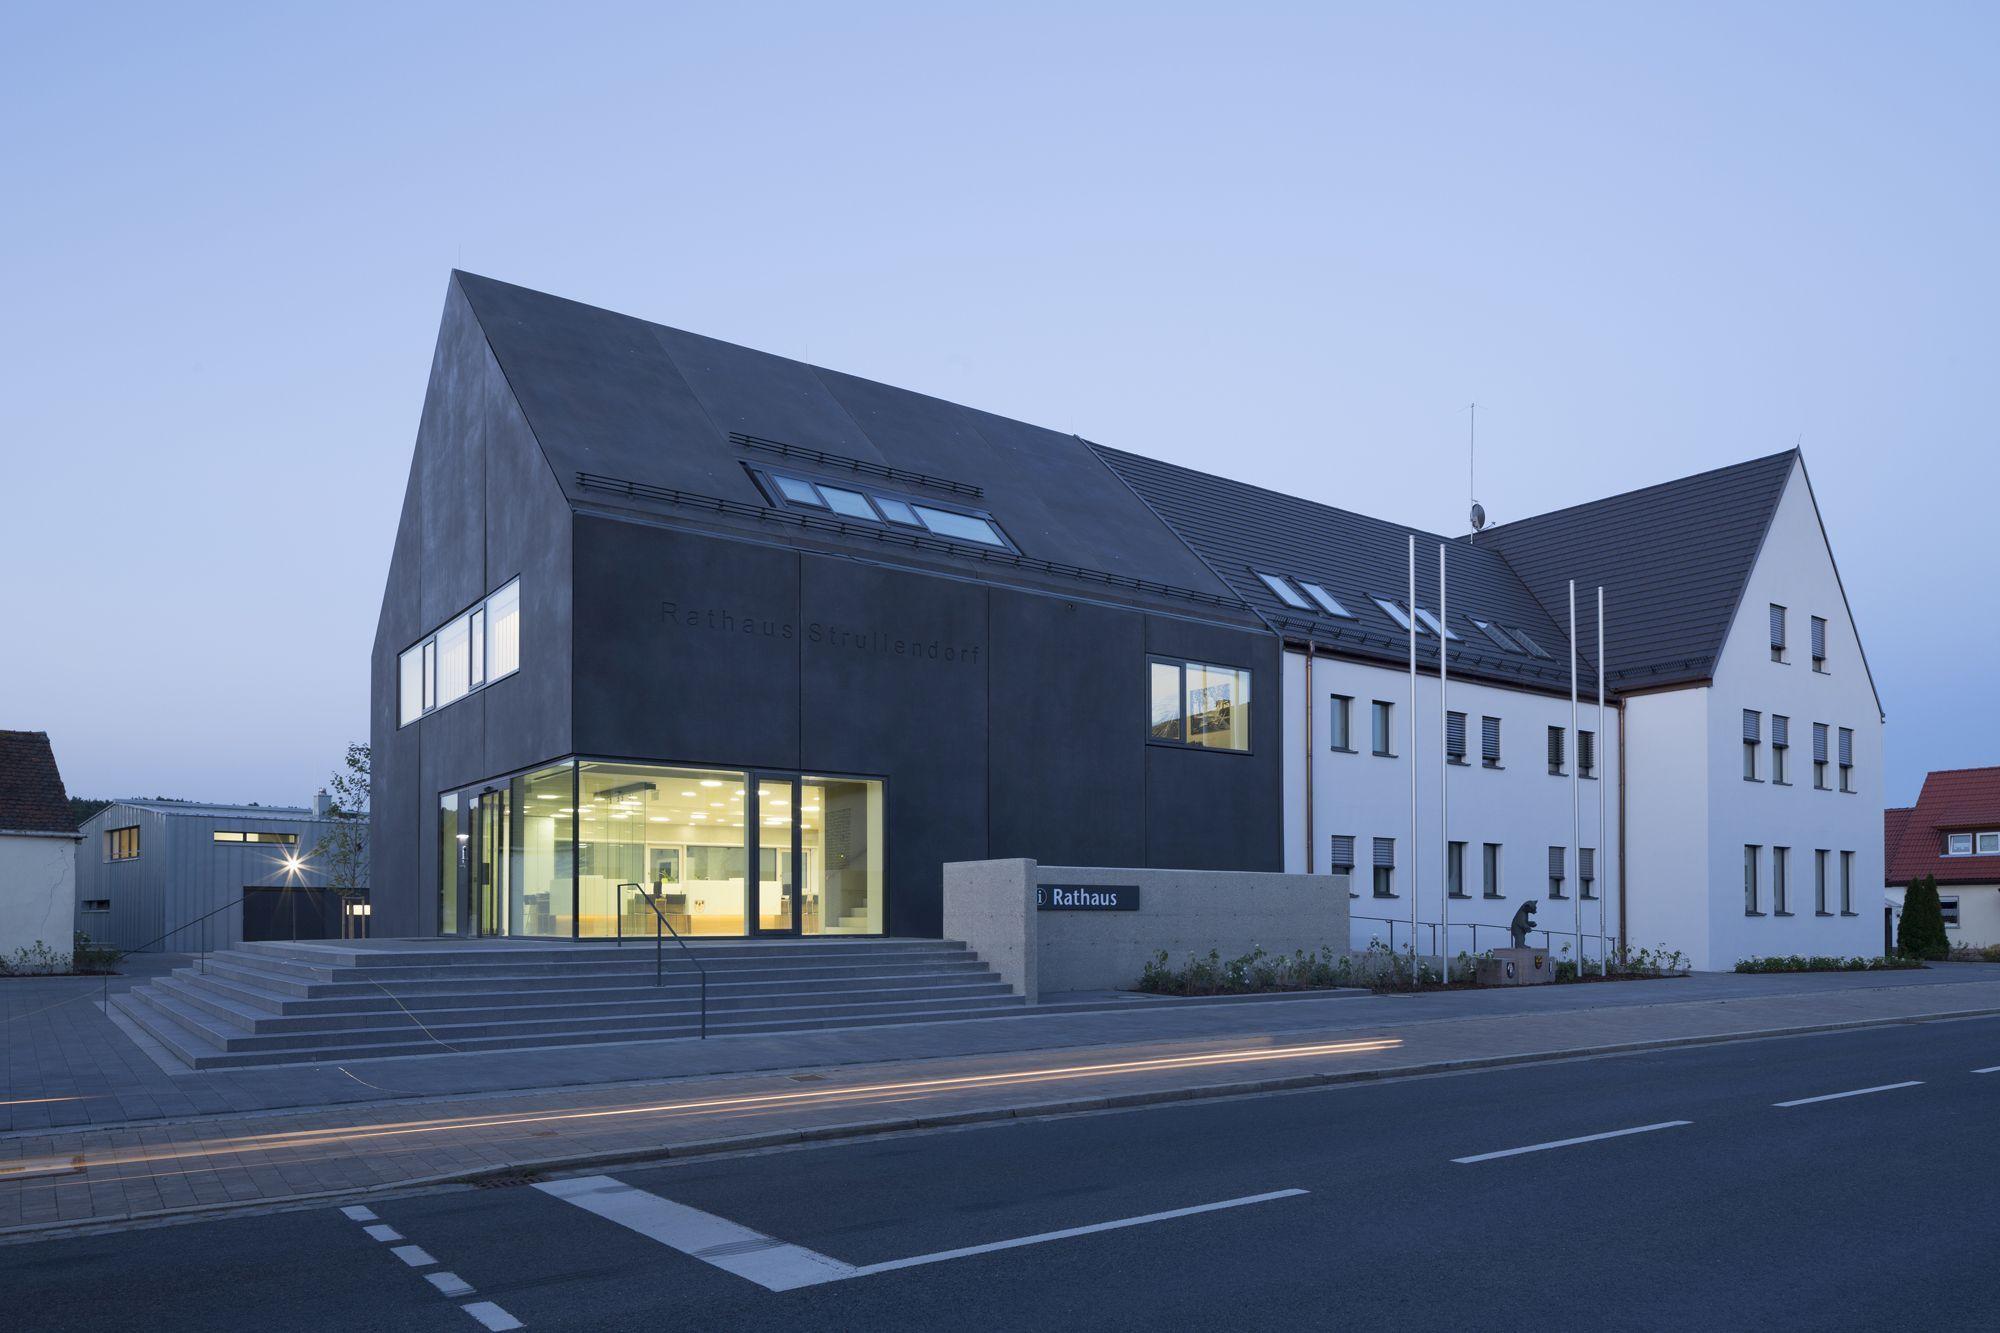 H2m Architekten bürgerzentrum strullendorf sanierung und erweiterung des rathauses